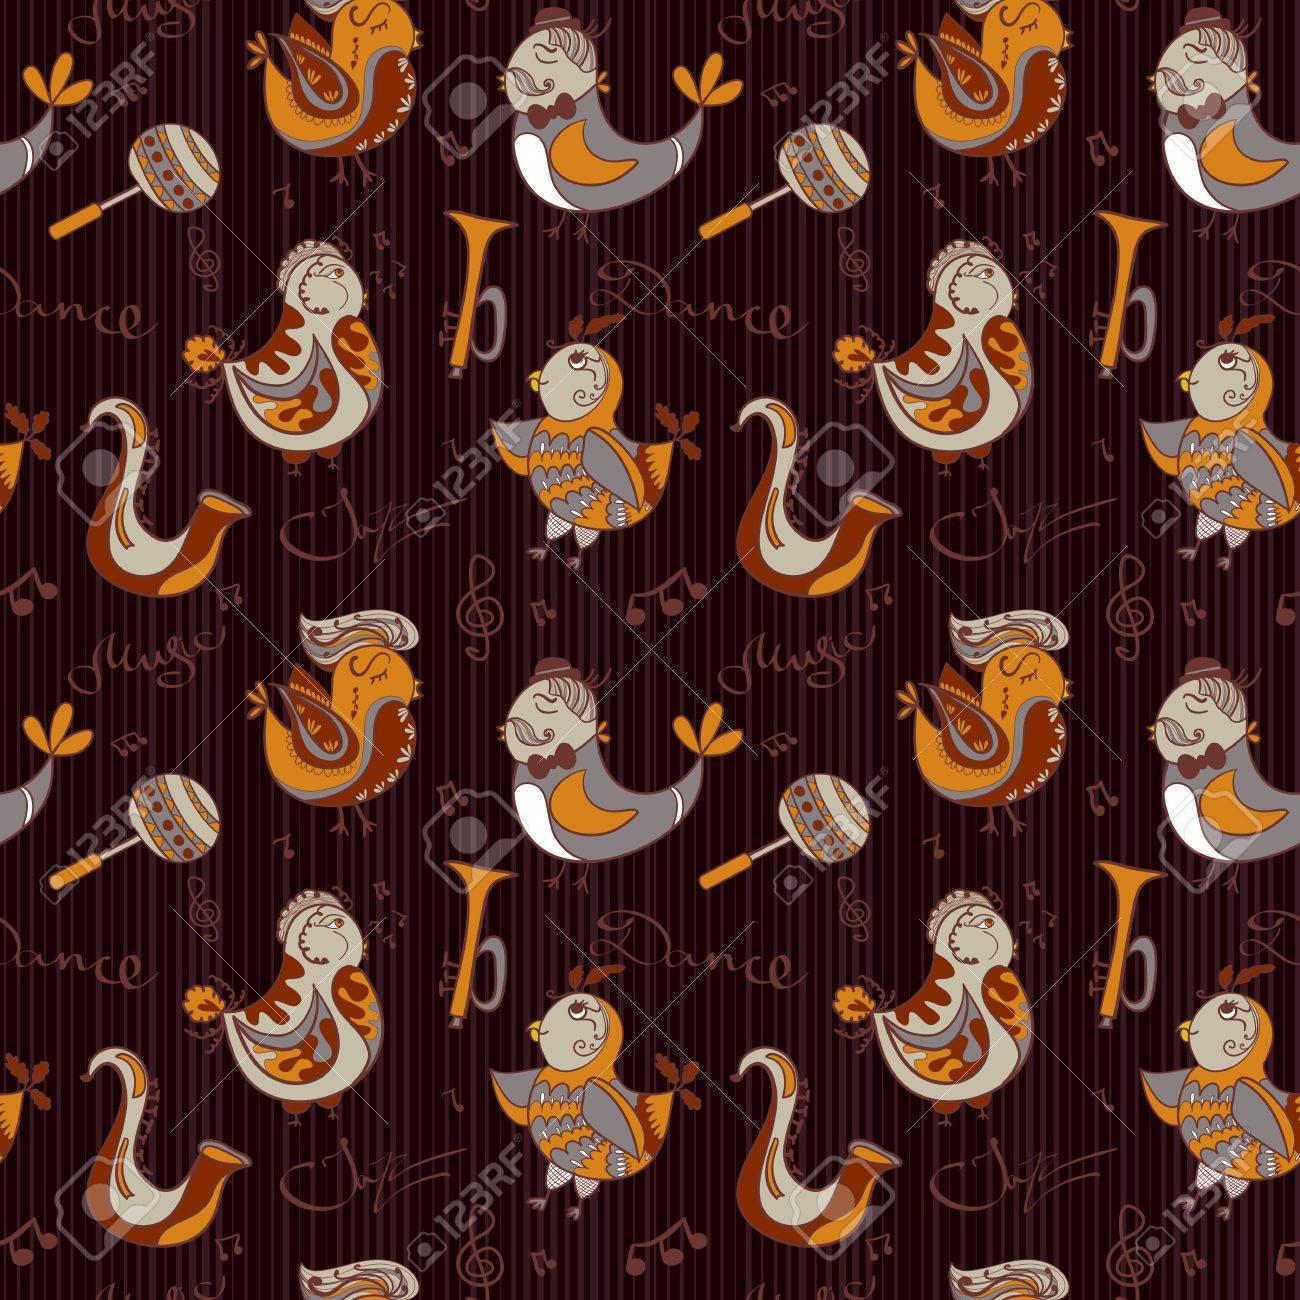 漫画 ジャズ オーケストラの壁紙のコンセプト 鳥歌うと踊る 壁紙 パターンの塗りつぶし Web ページの背景にシームレスなパターンを使用することができます のイラスト素材 ベクタ Image